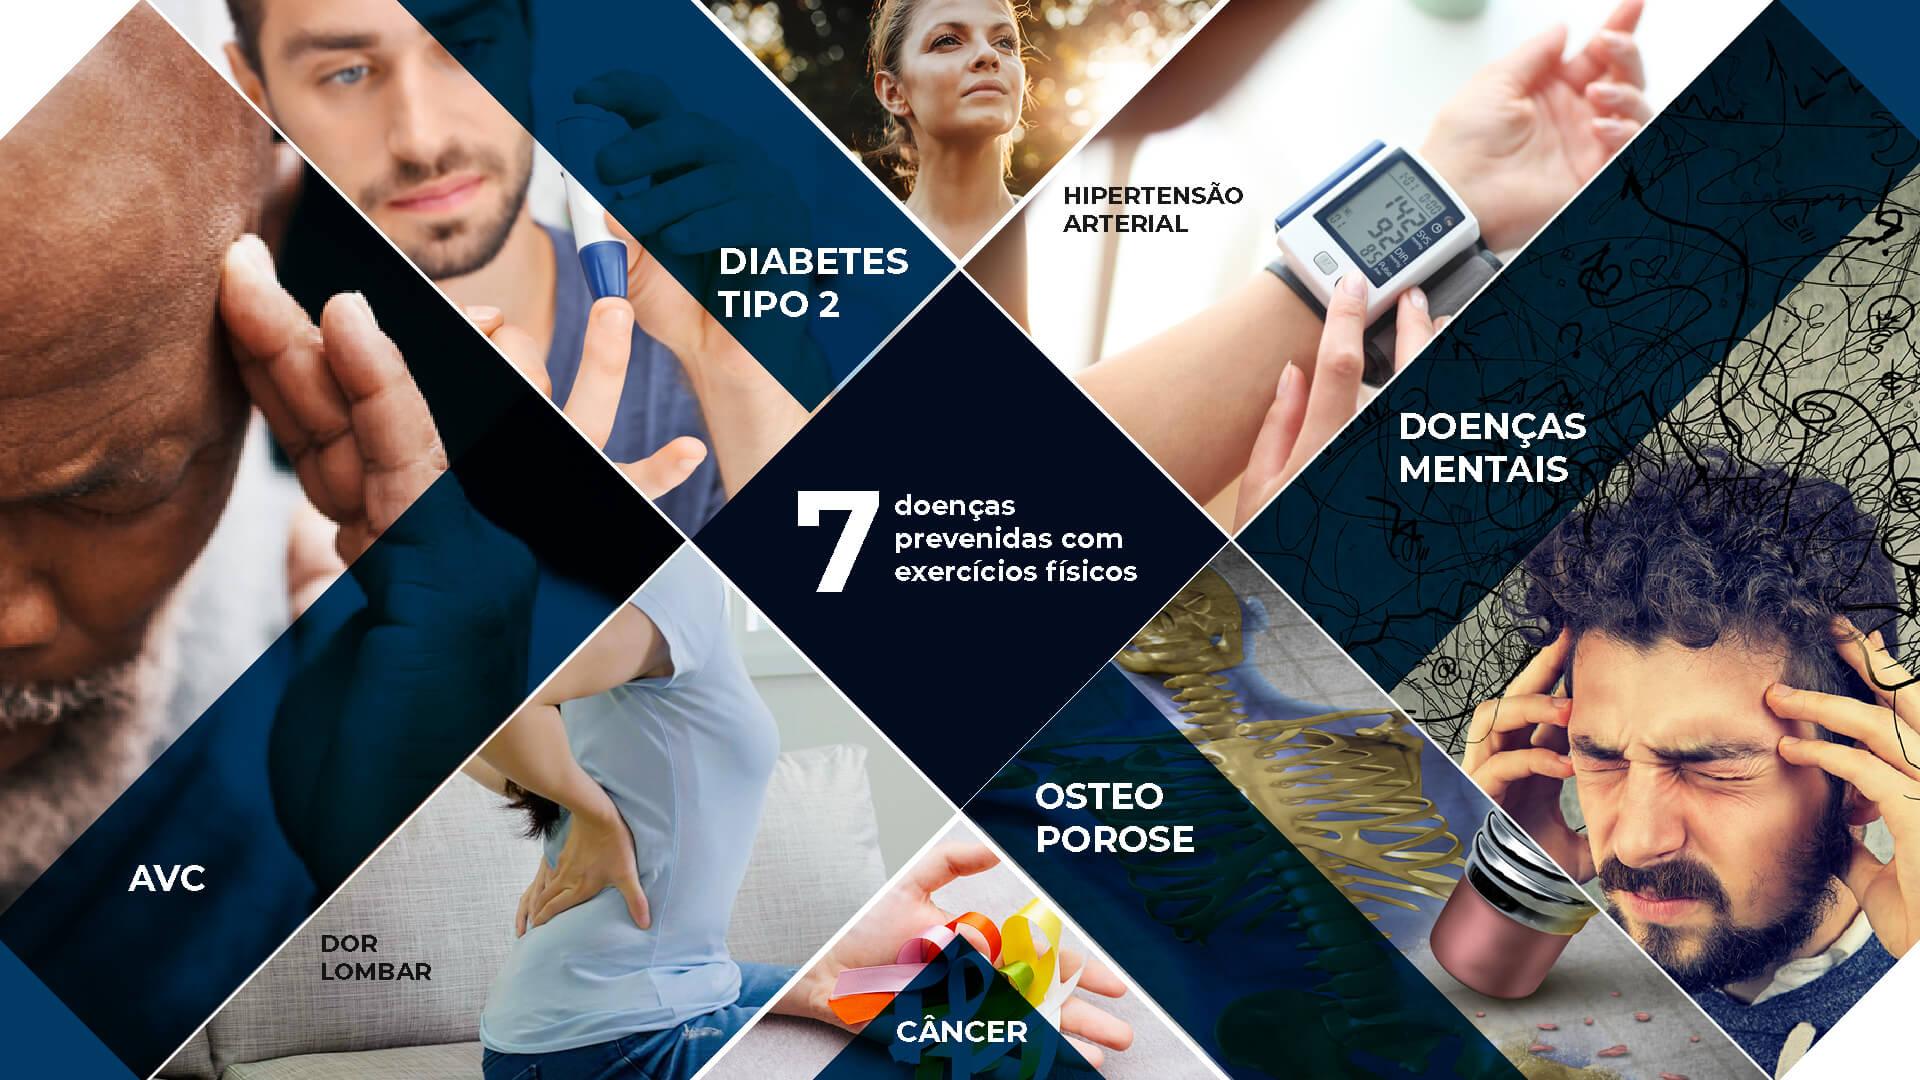 quadro com 7 doenças prevenidas com atividade física e saúde